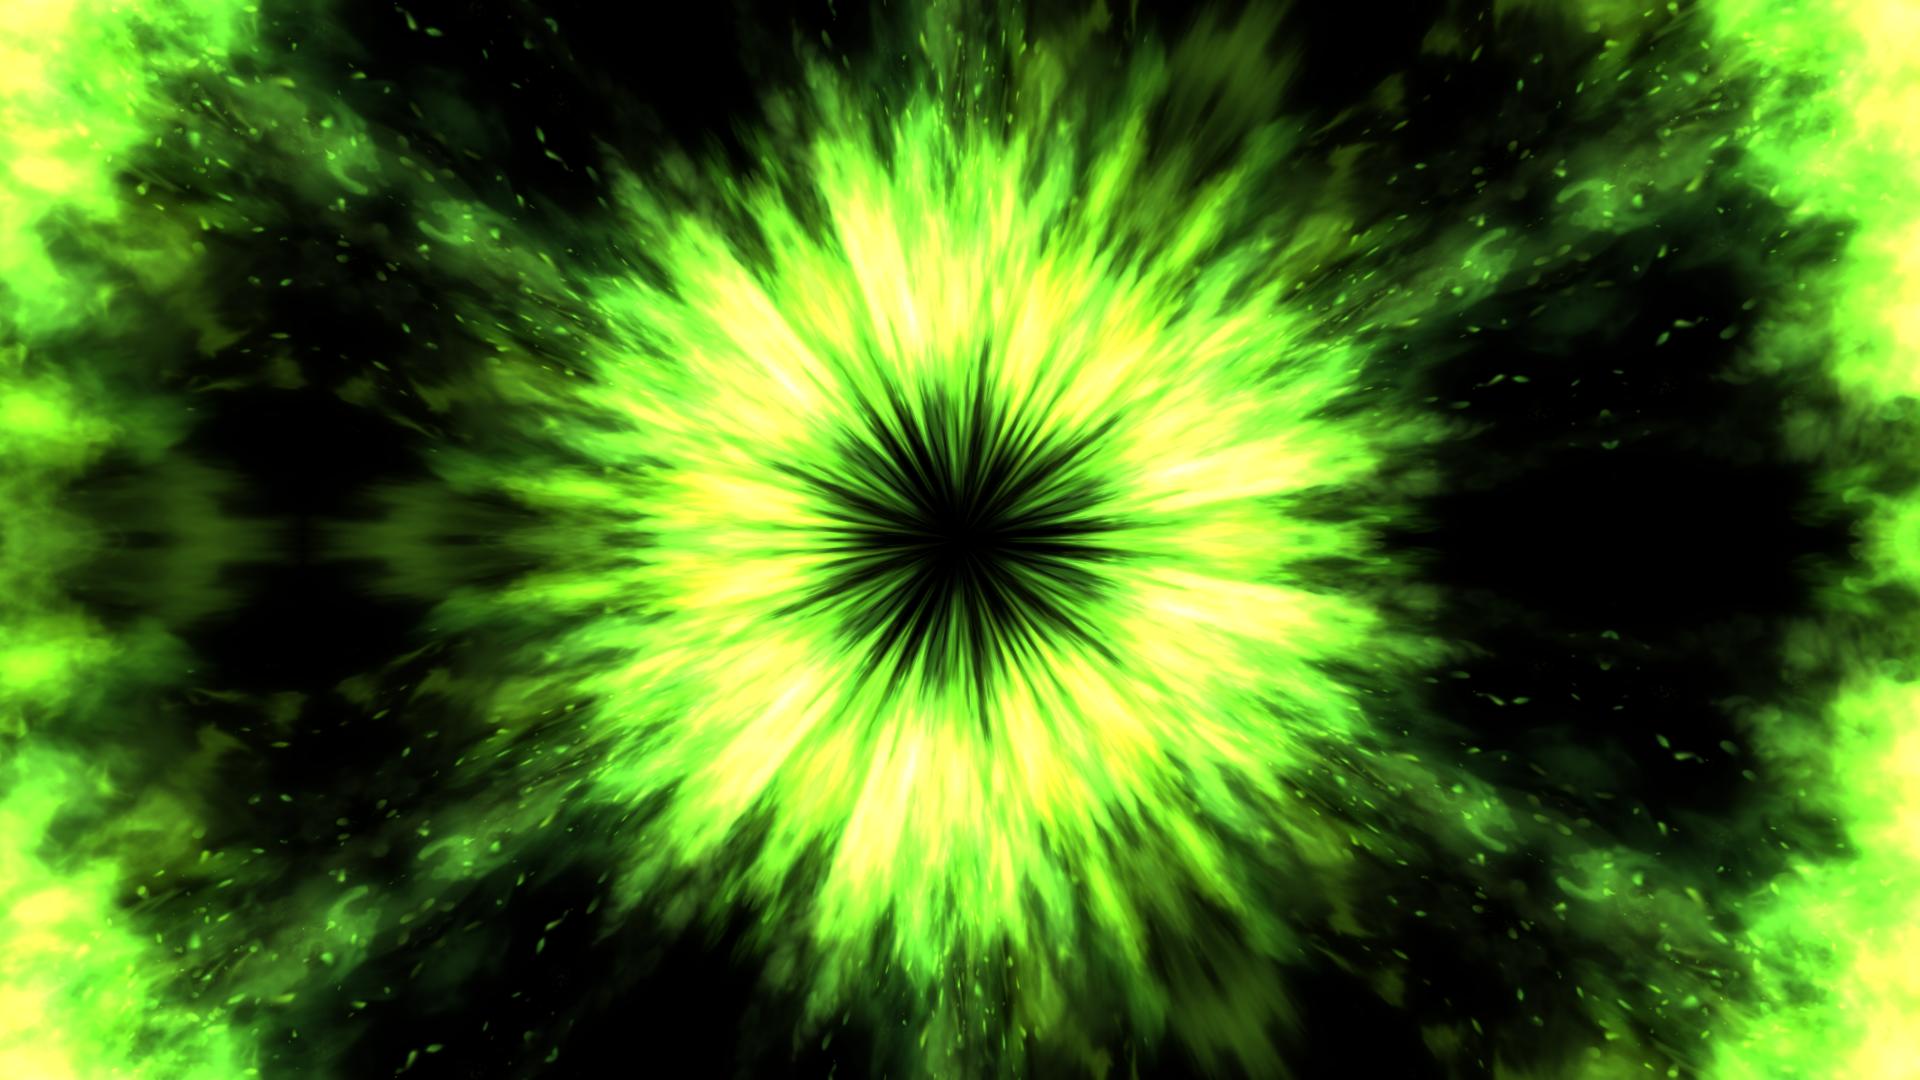 ファイヤー集中線-炎の魔法エフェクト-グリーン